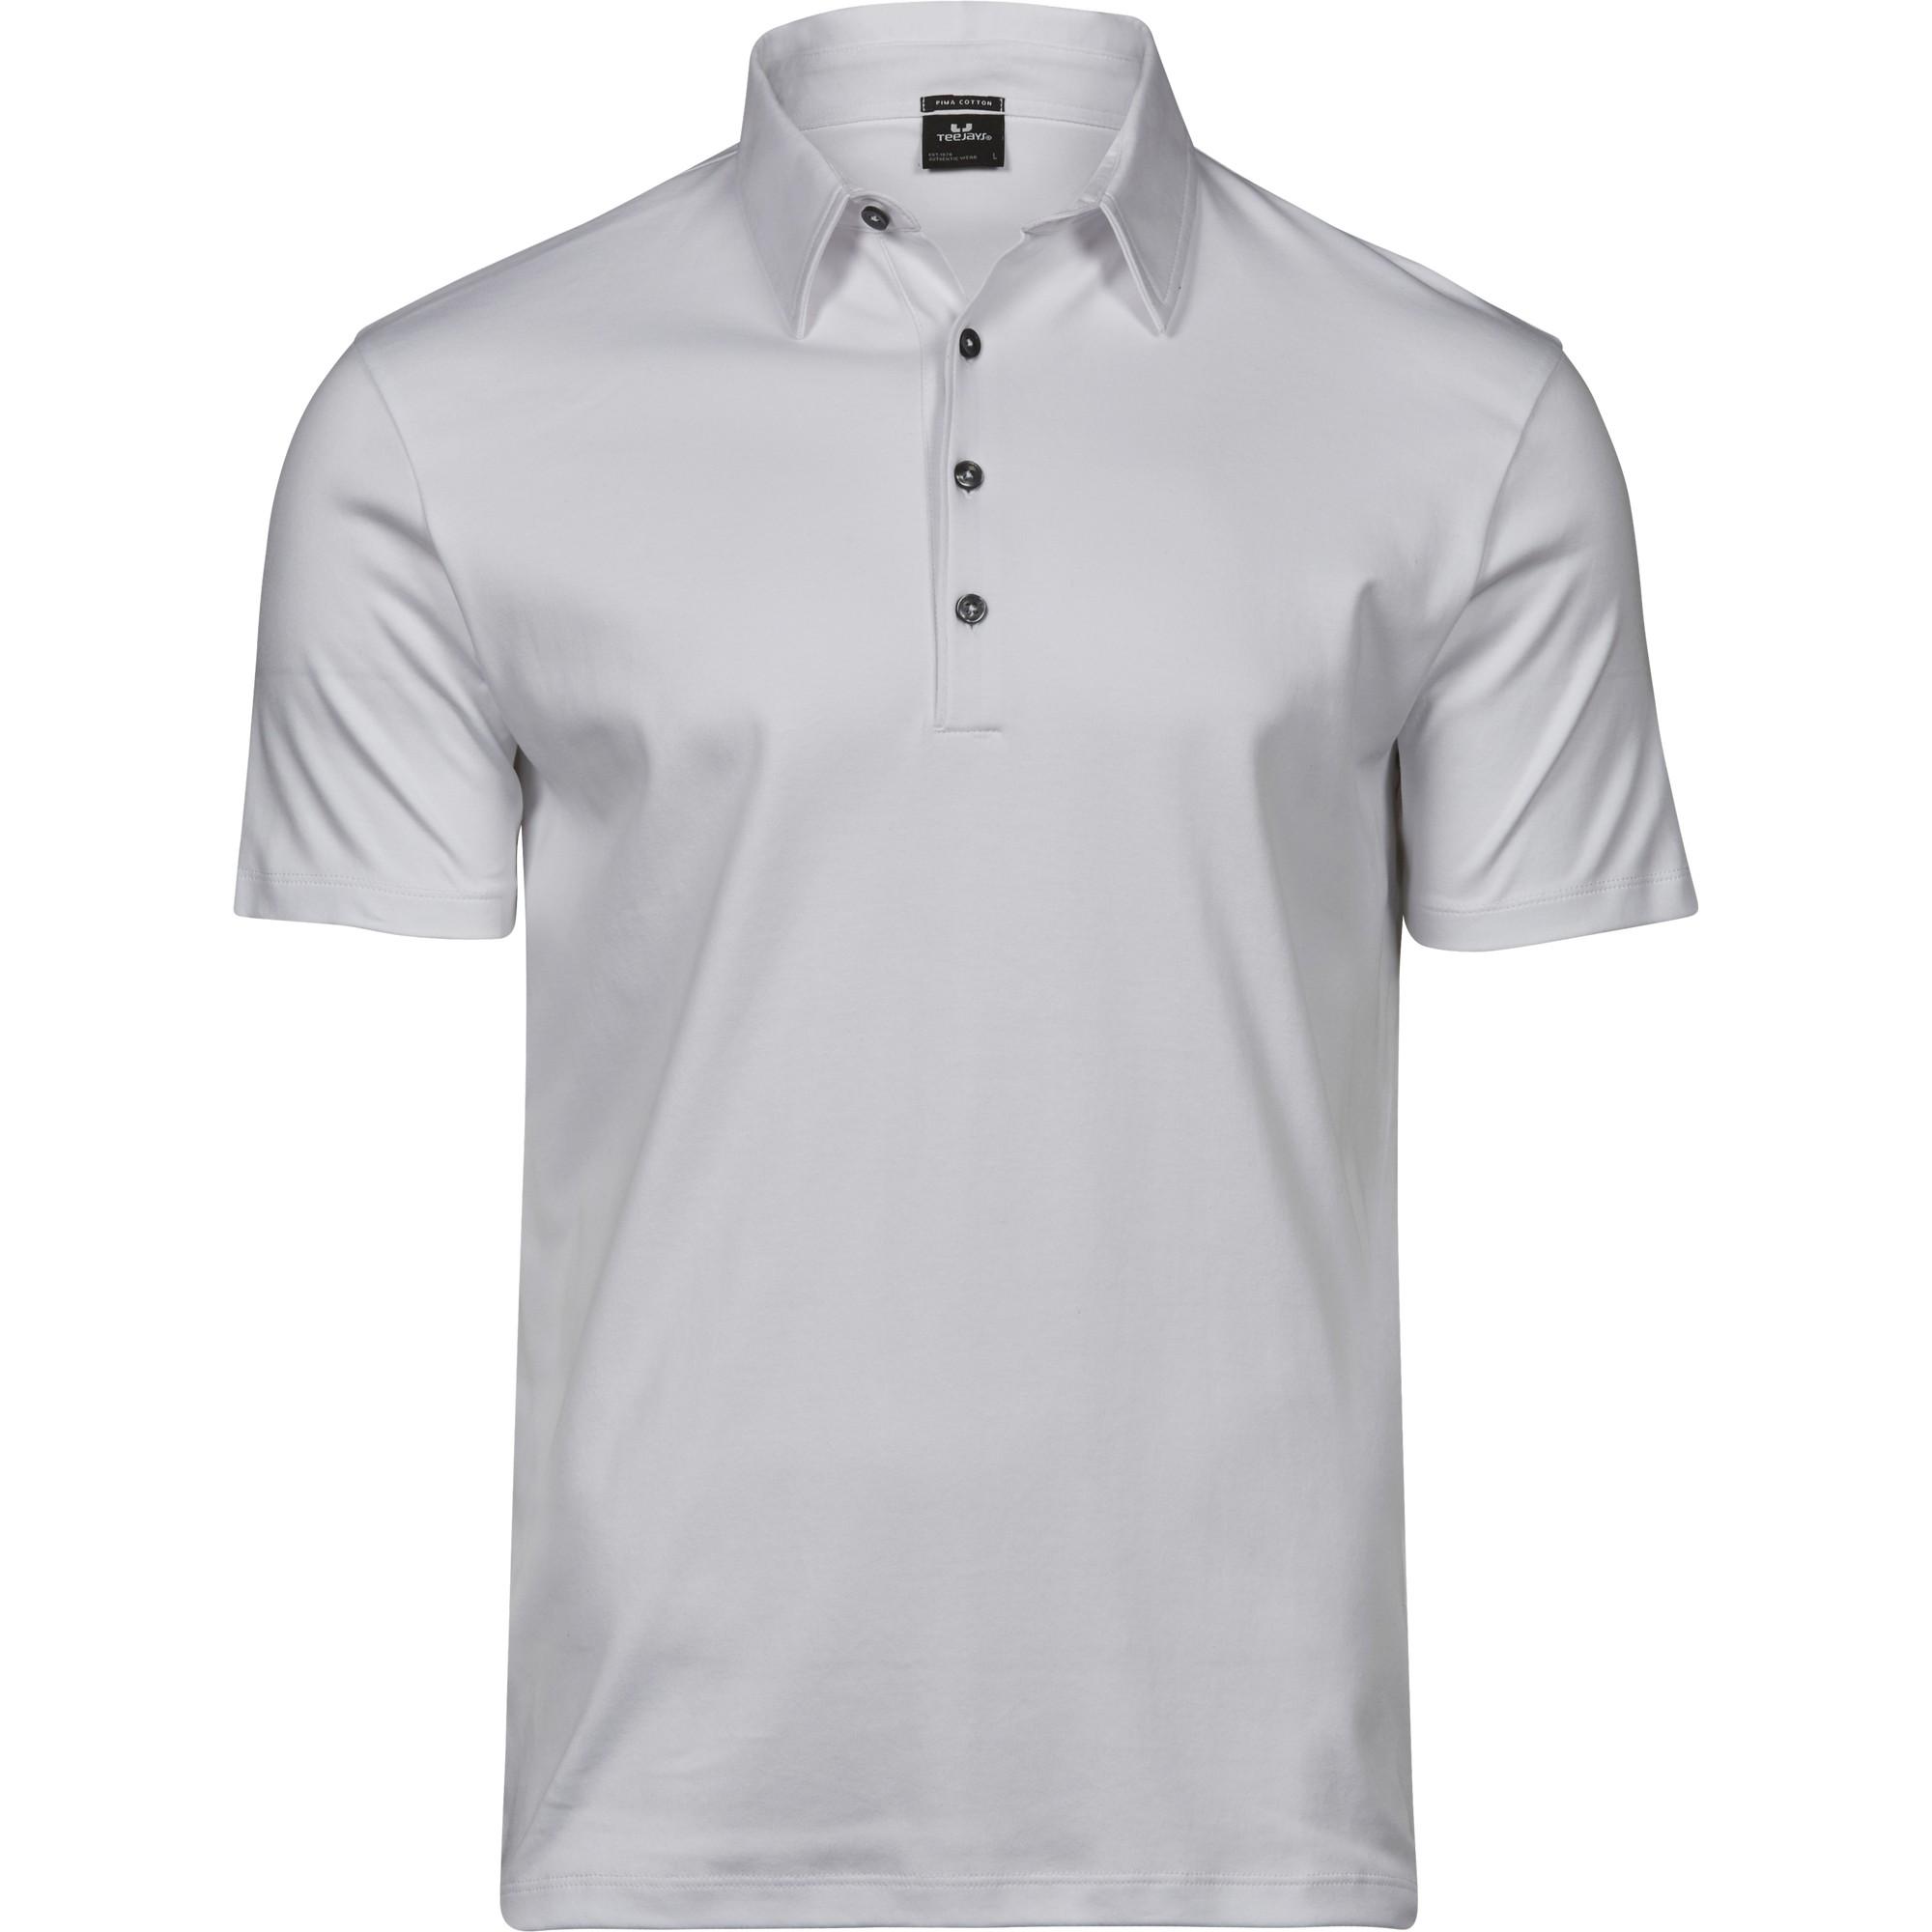 Tee Jays Mens Pima Cotton Interlock Polo Shirt (XXL) (White)